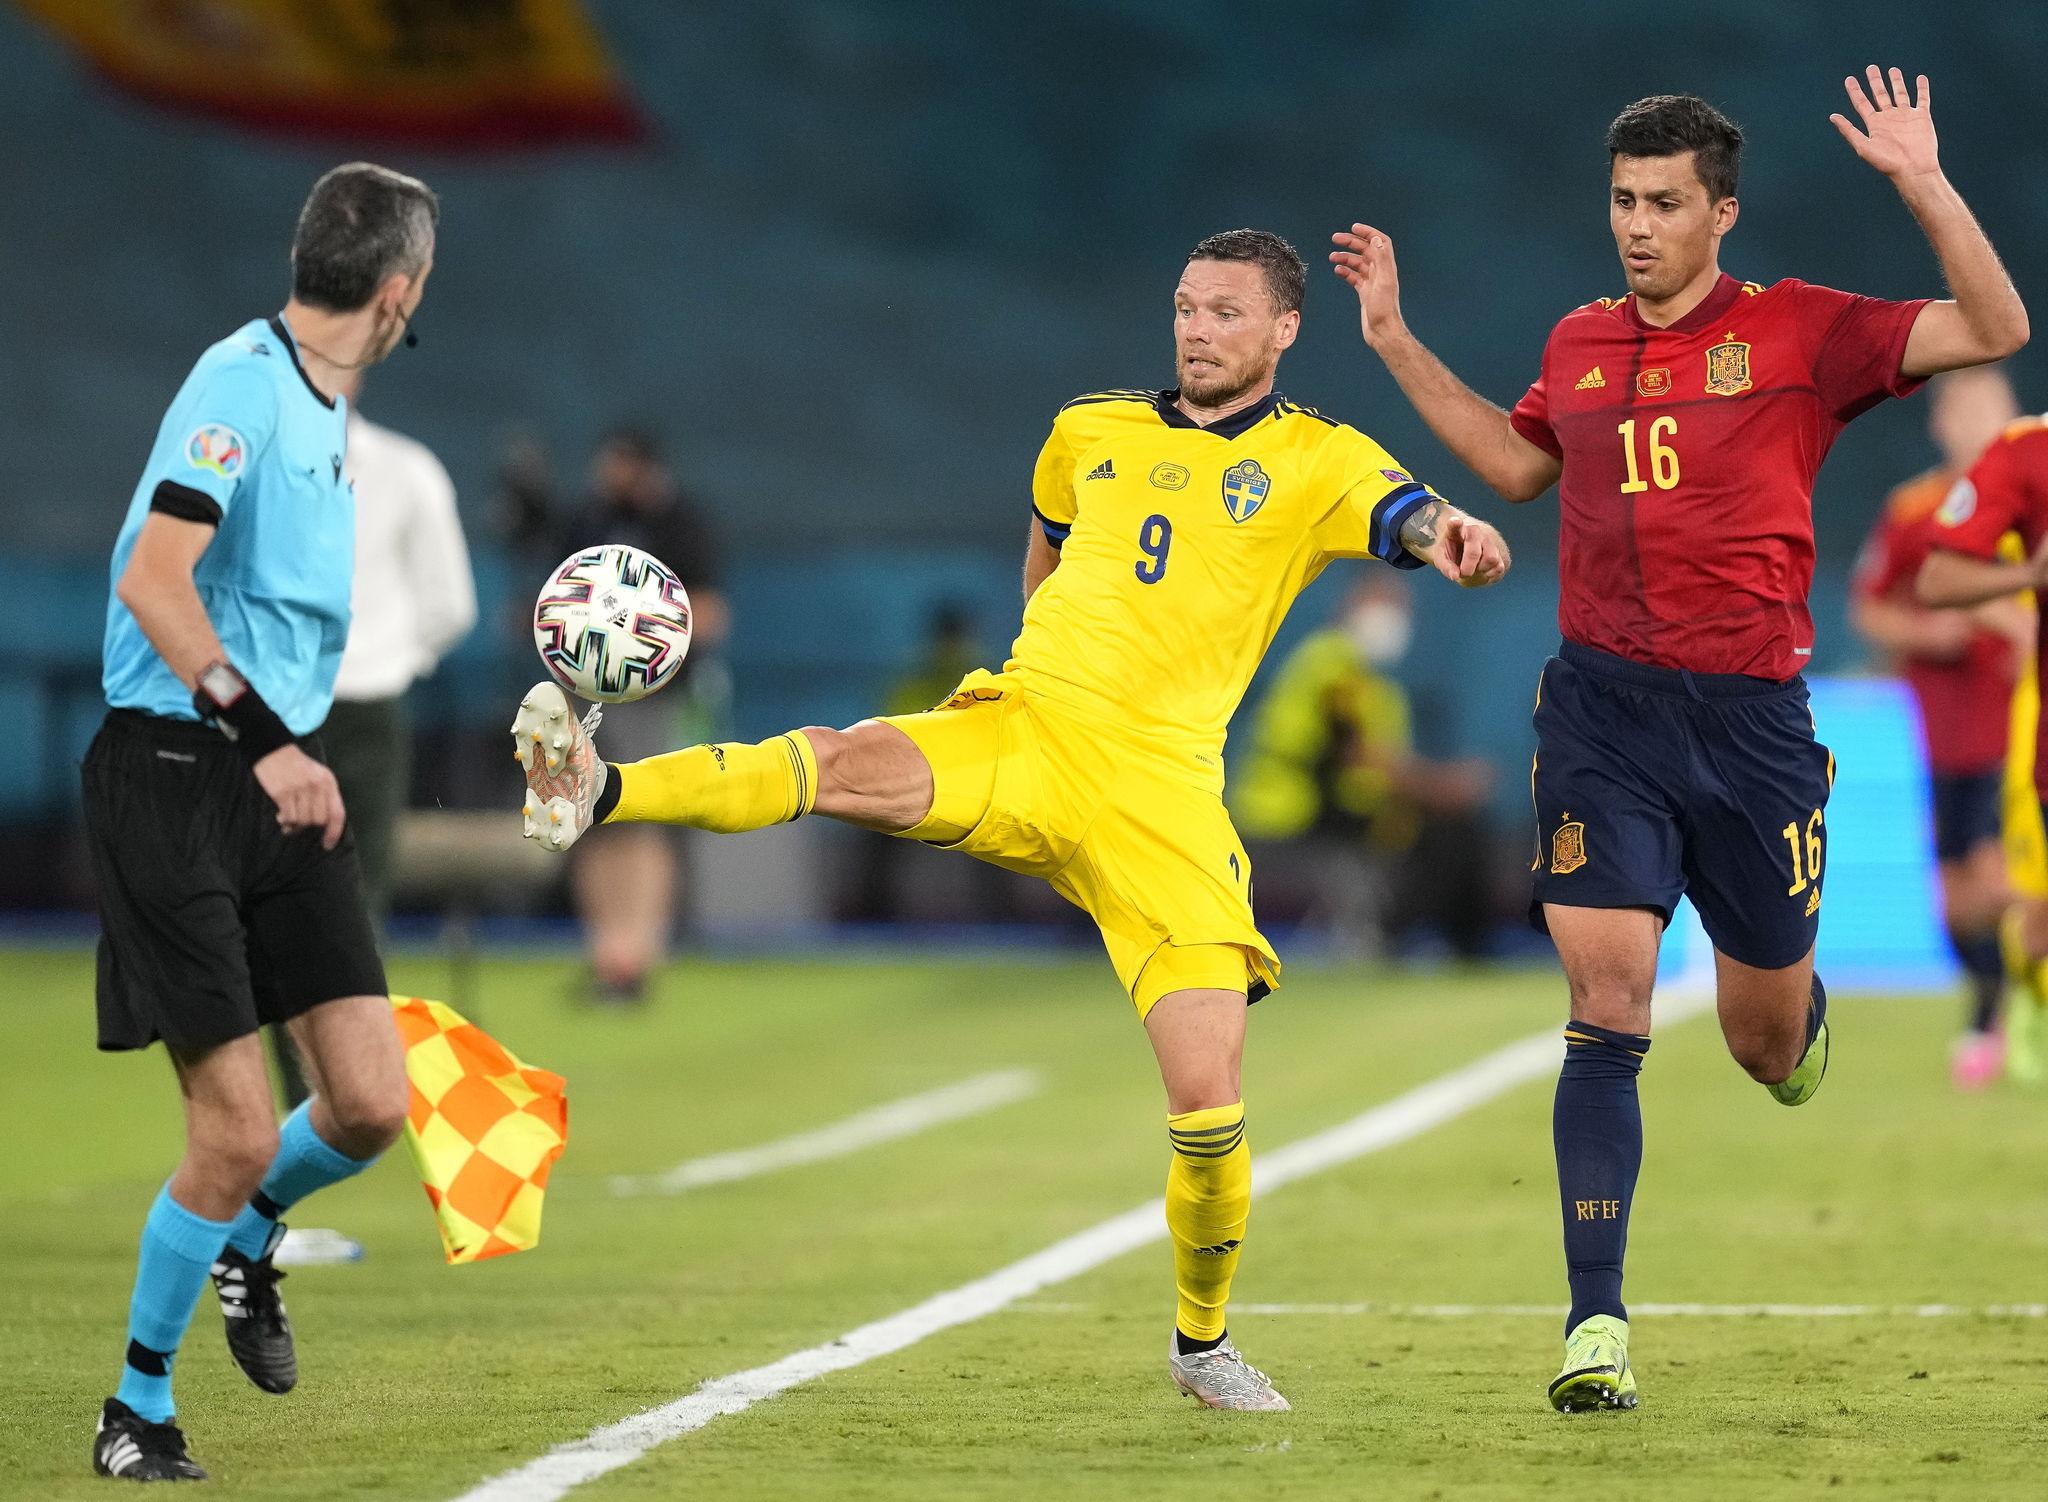 Rodri in action against Marcus Berg